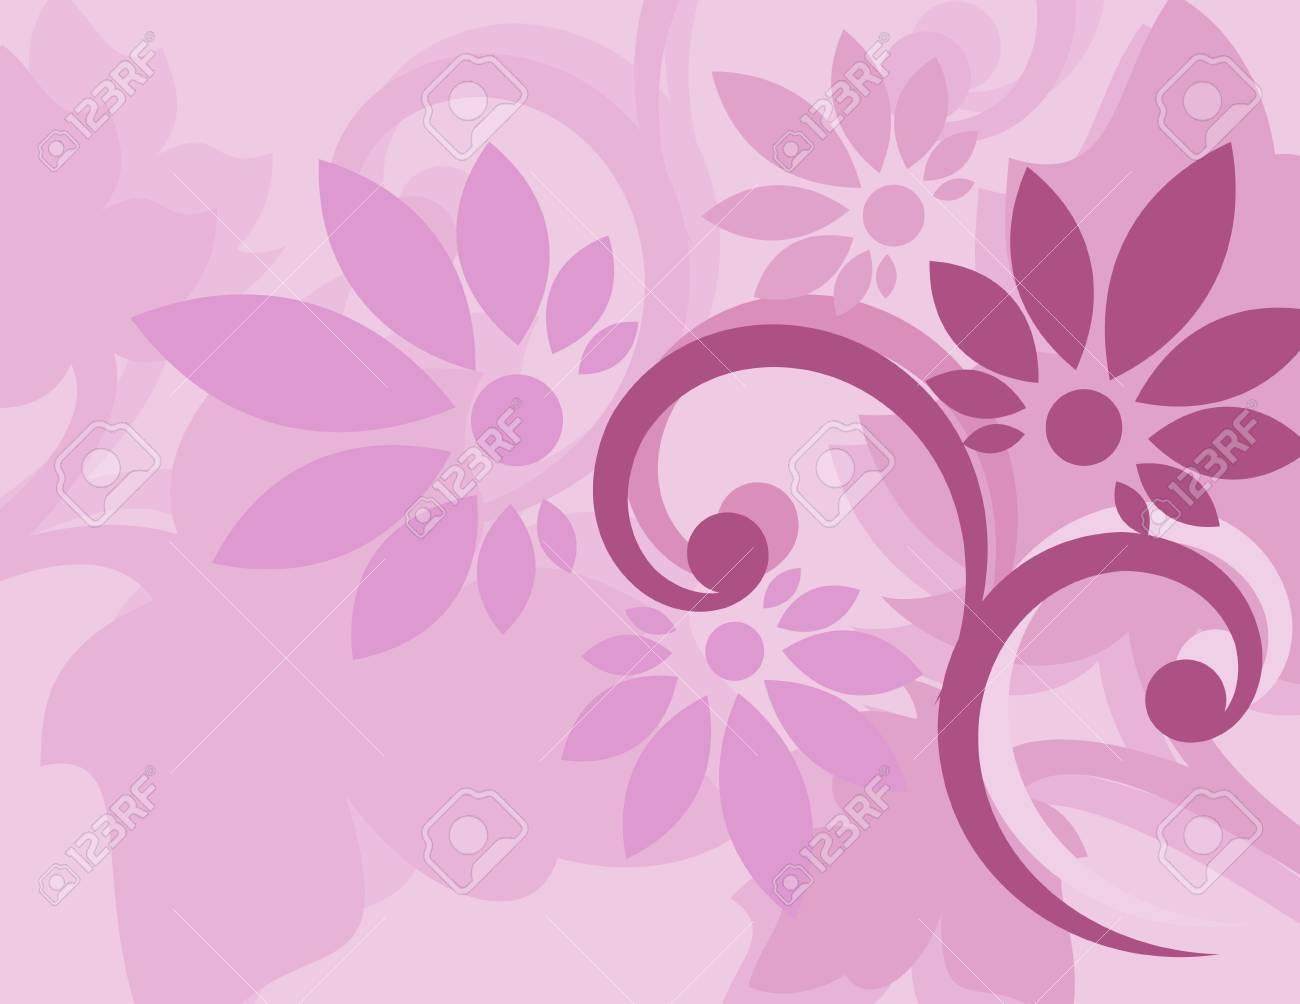 Carta Da Parati Damascata Rosa : Carta da parati floreale viola senza soluzione di continuità